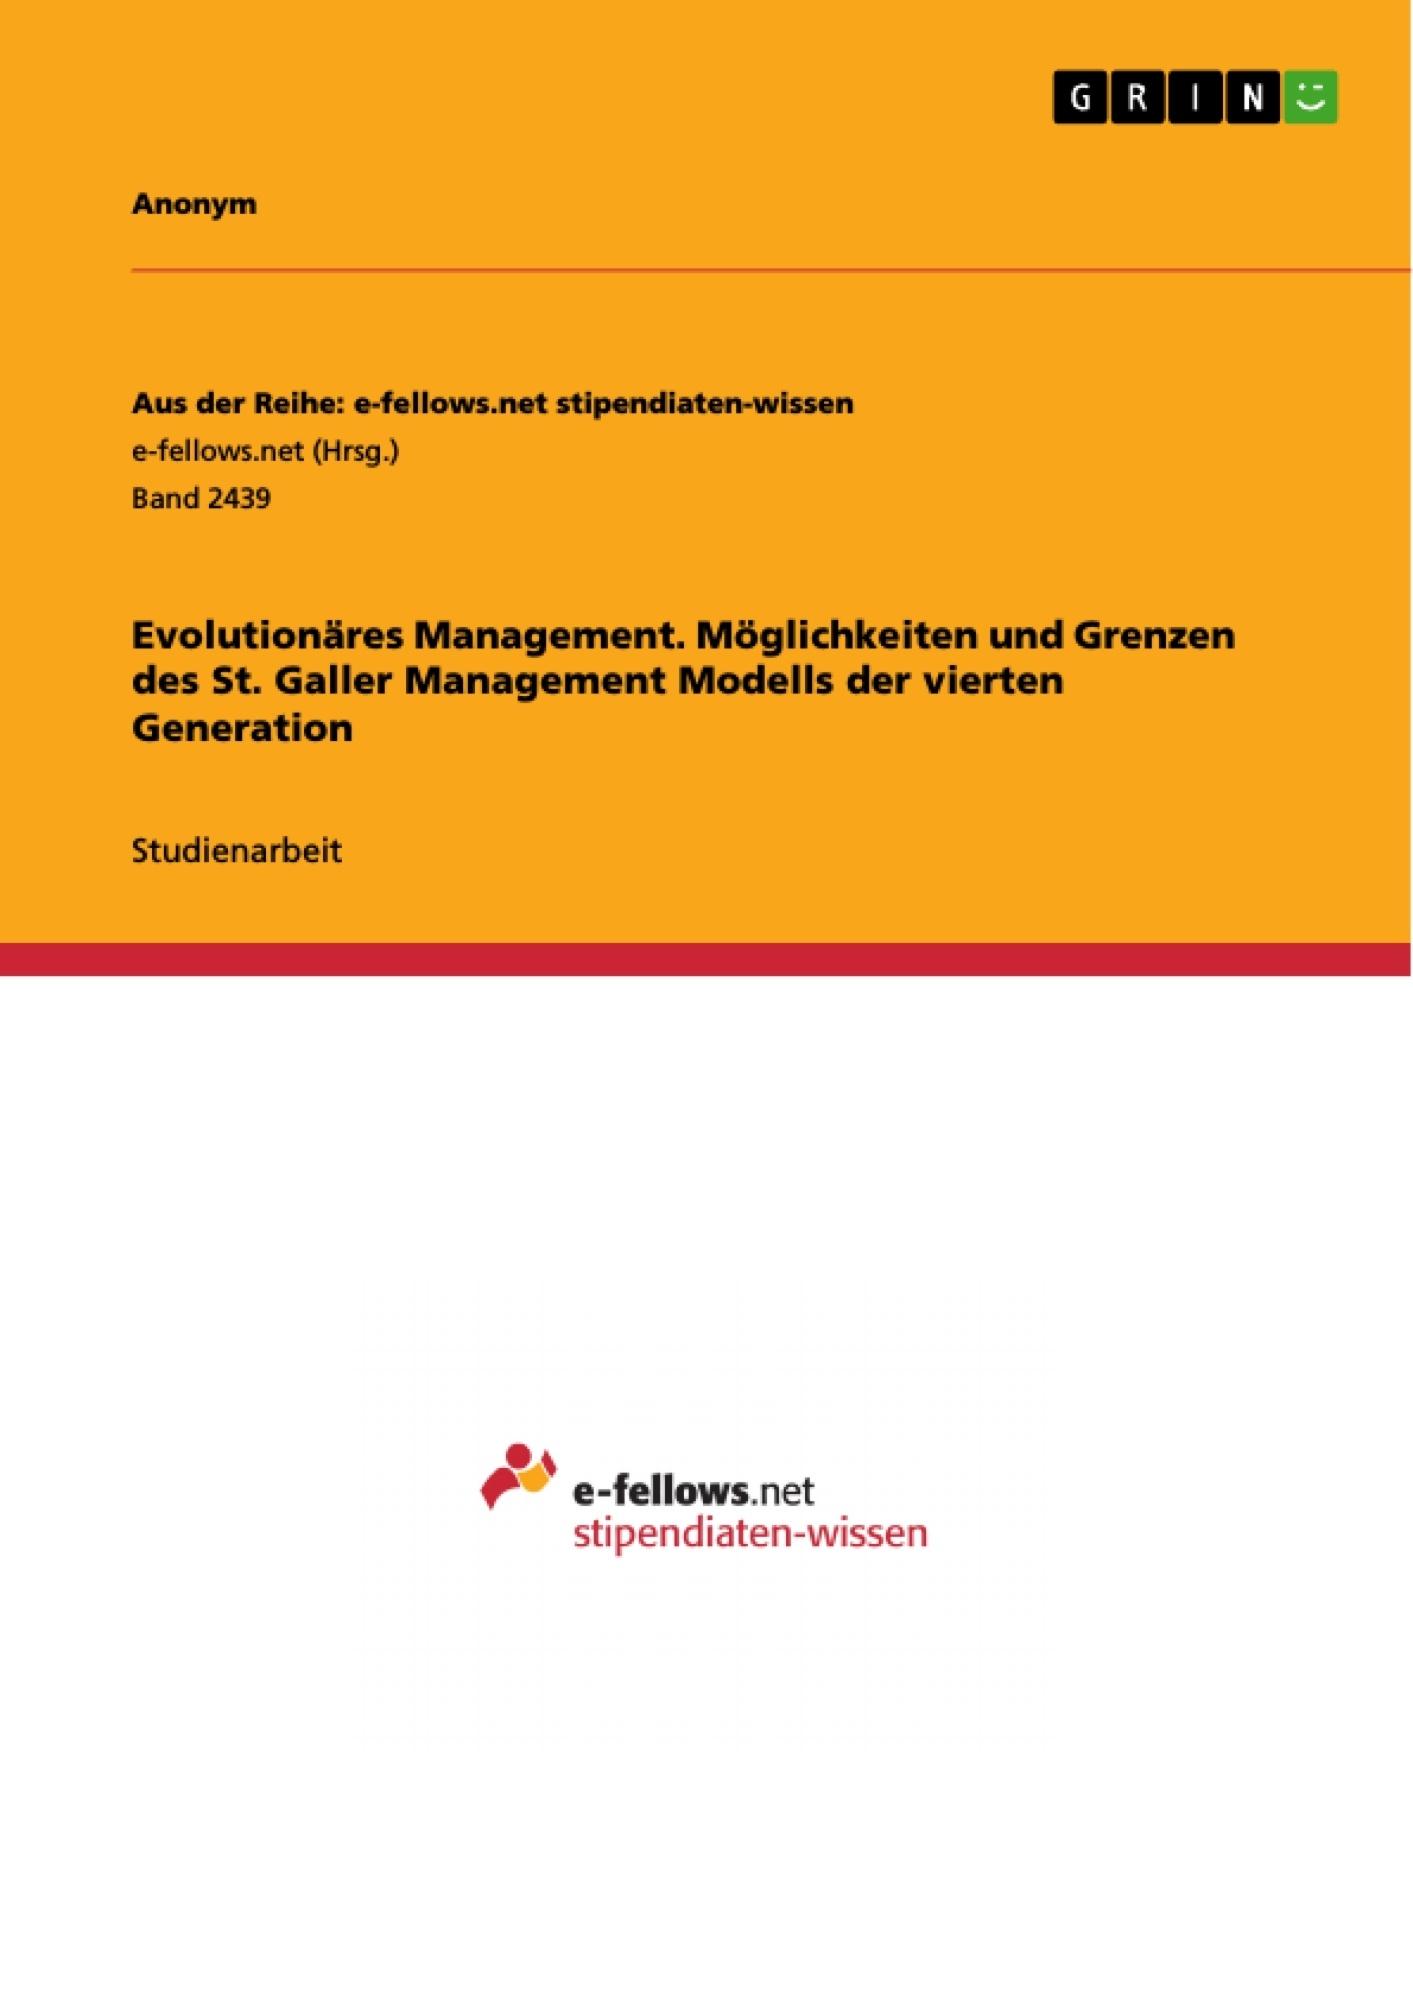 Titel: Evolutionäres Management. Möglichkeiten und Grenzen des St. Galler Management Modells der vierten Generation